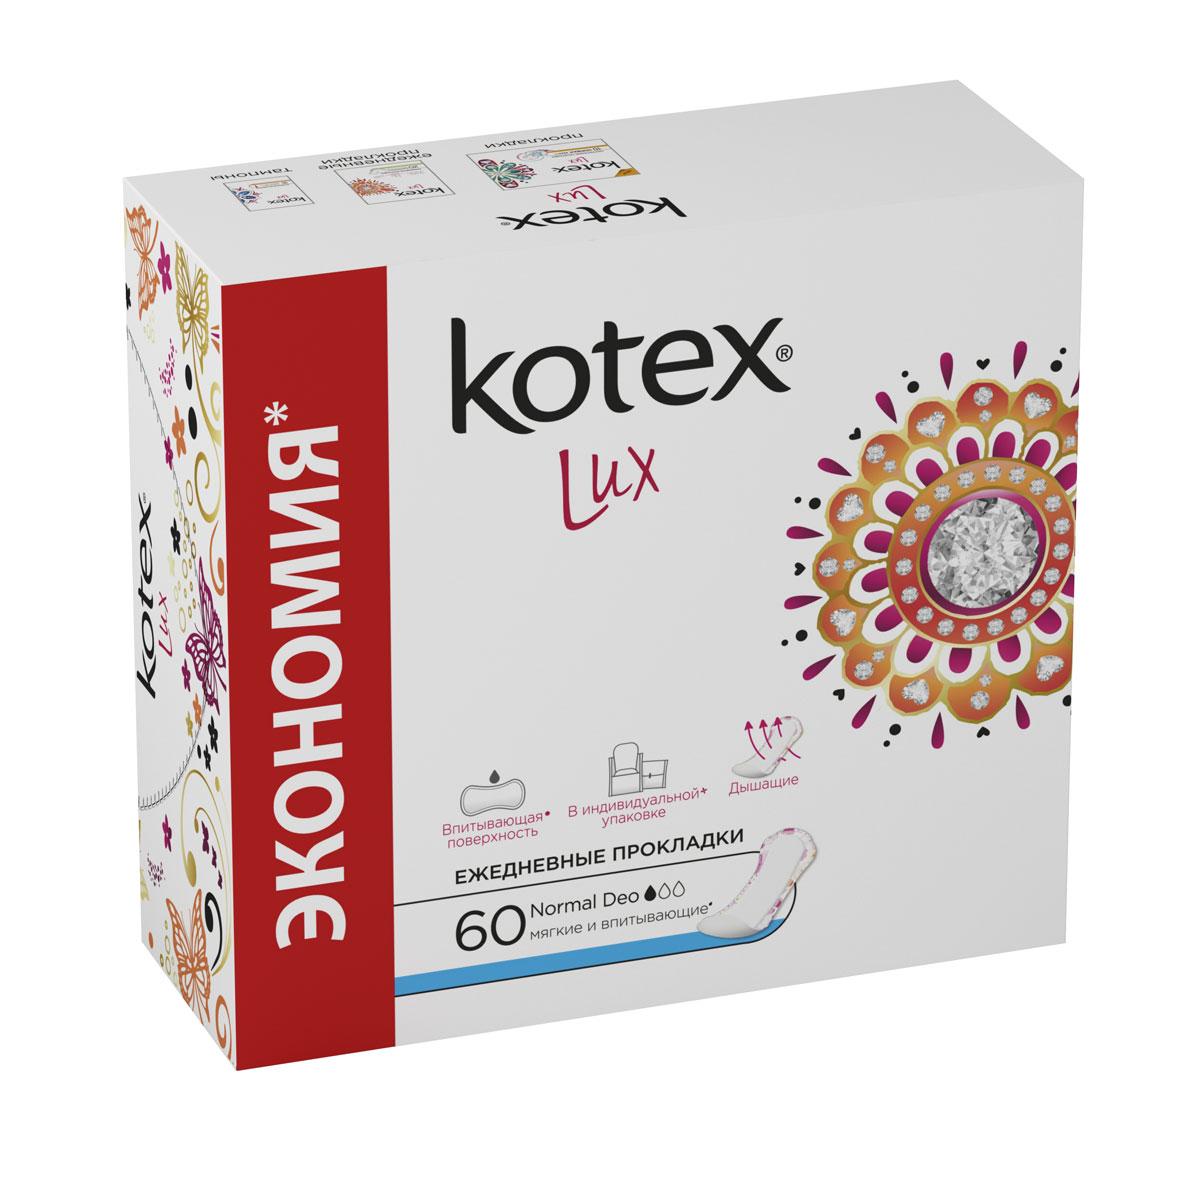 Kotex Ежедневные прокладки Lux. Normal Deo, с ароматом алоэ вера, 60 шт2606116336Ежедневные прокладки помогают чувствовать себя увереннее, особенно в условиях нынешнего активного ритма жизни. Тонкие, эластичные и дышащие ежедневные прокладки Kotex Lux. Normal Deo, помогут оставаться уверенной в себе каждую минуту. Kotex подходят как для обычного белья, так и для трусиков стрингов. Каждая ежедневка в индивидуальной упаковке.